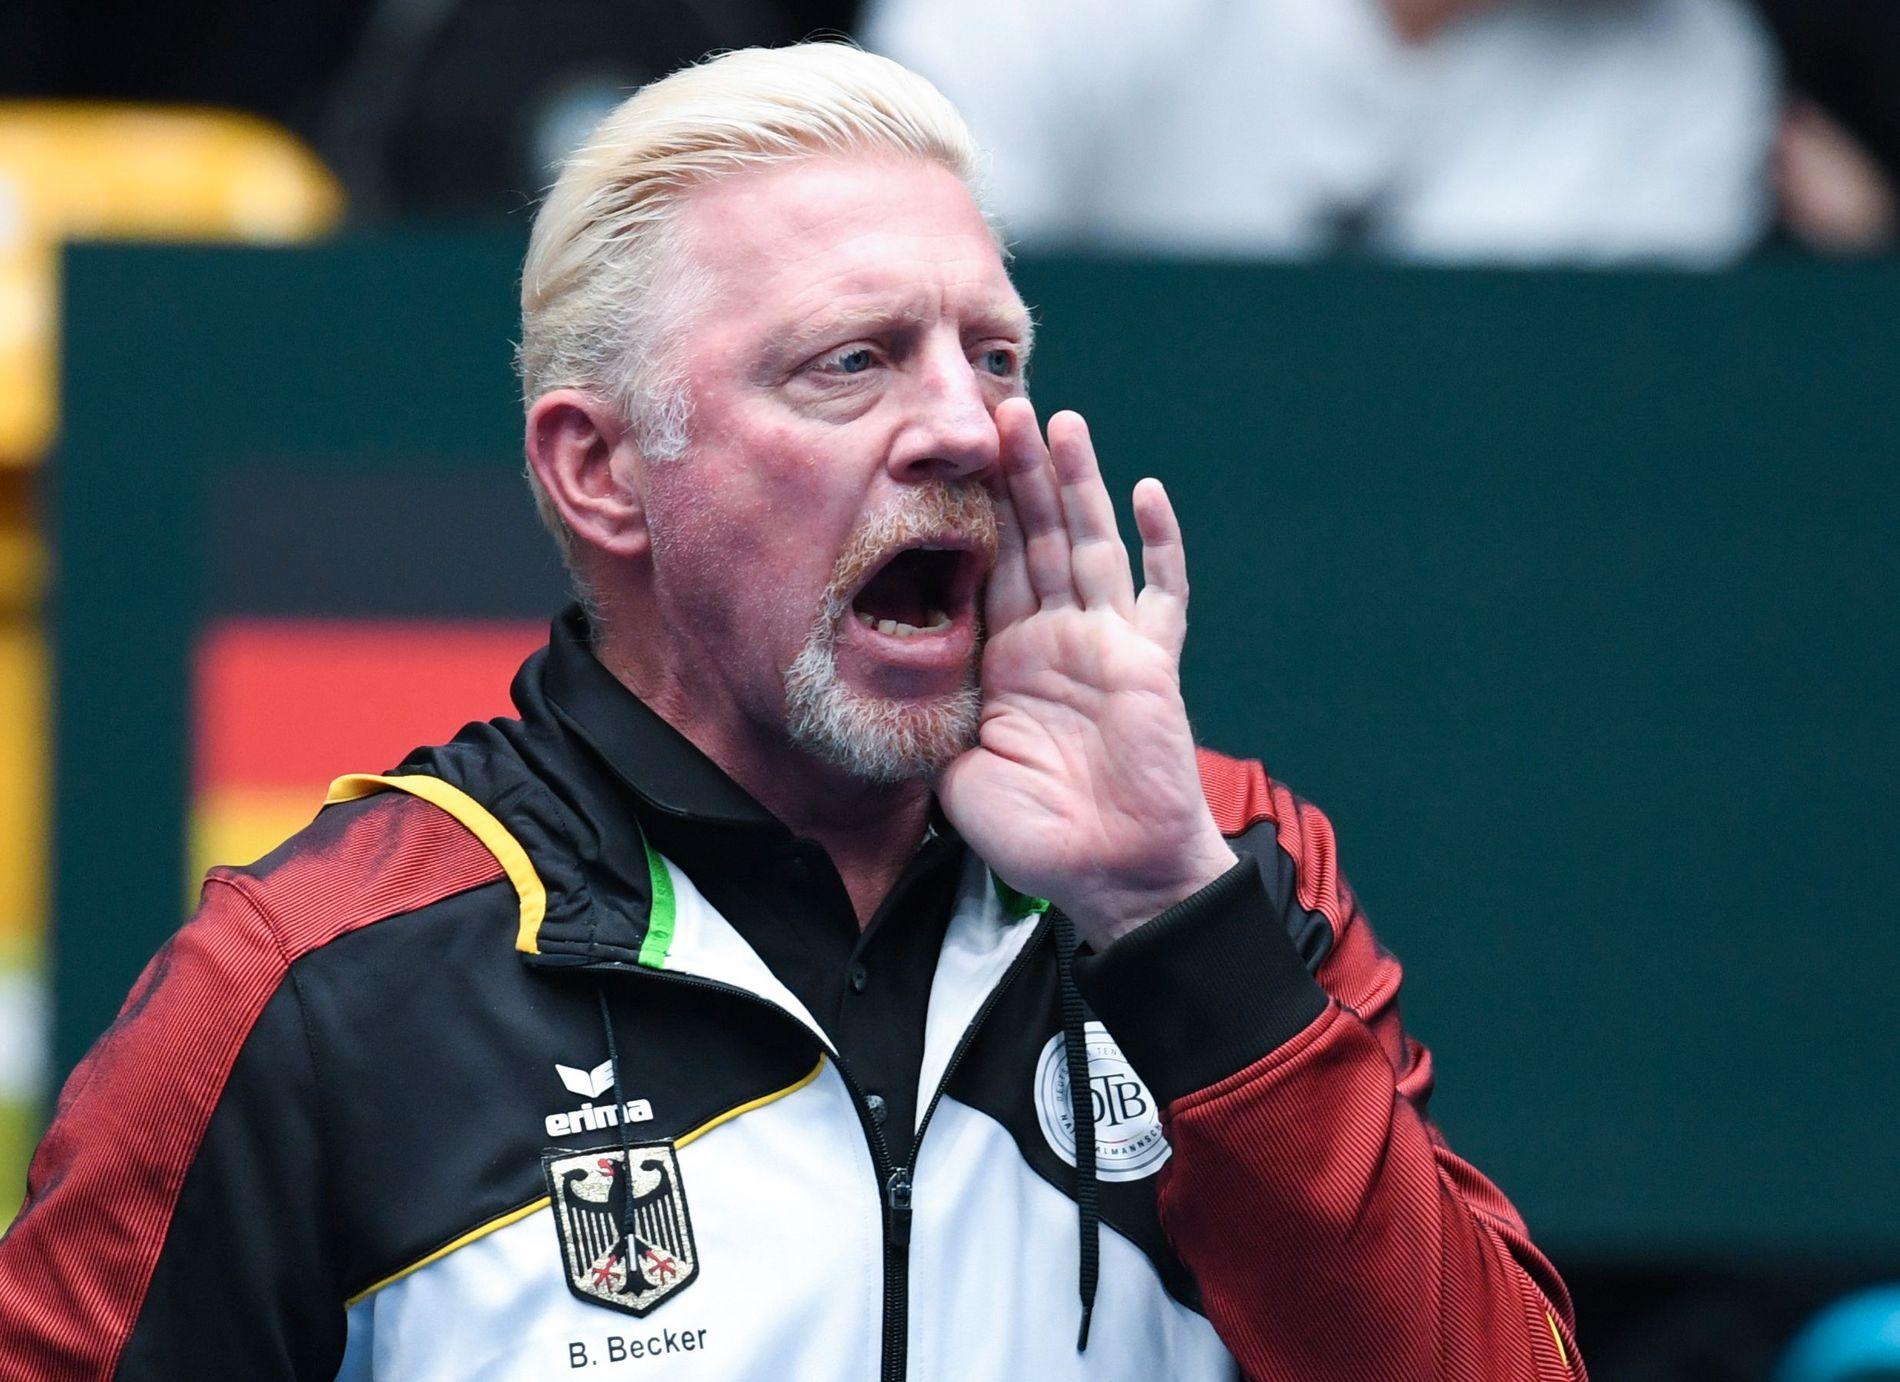 HELT SJEF: Boris Becker er nå leder for herrene i det tyske tennisforbundet. Her er han under en kvalifiseringskamp til Davis Cup tidligere i år.